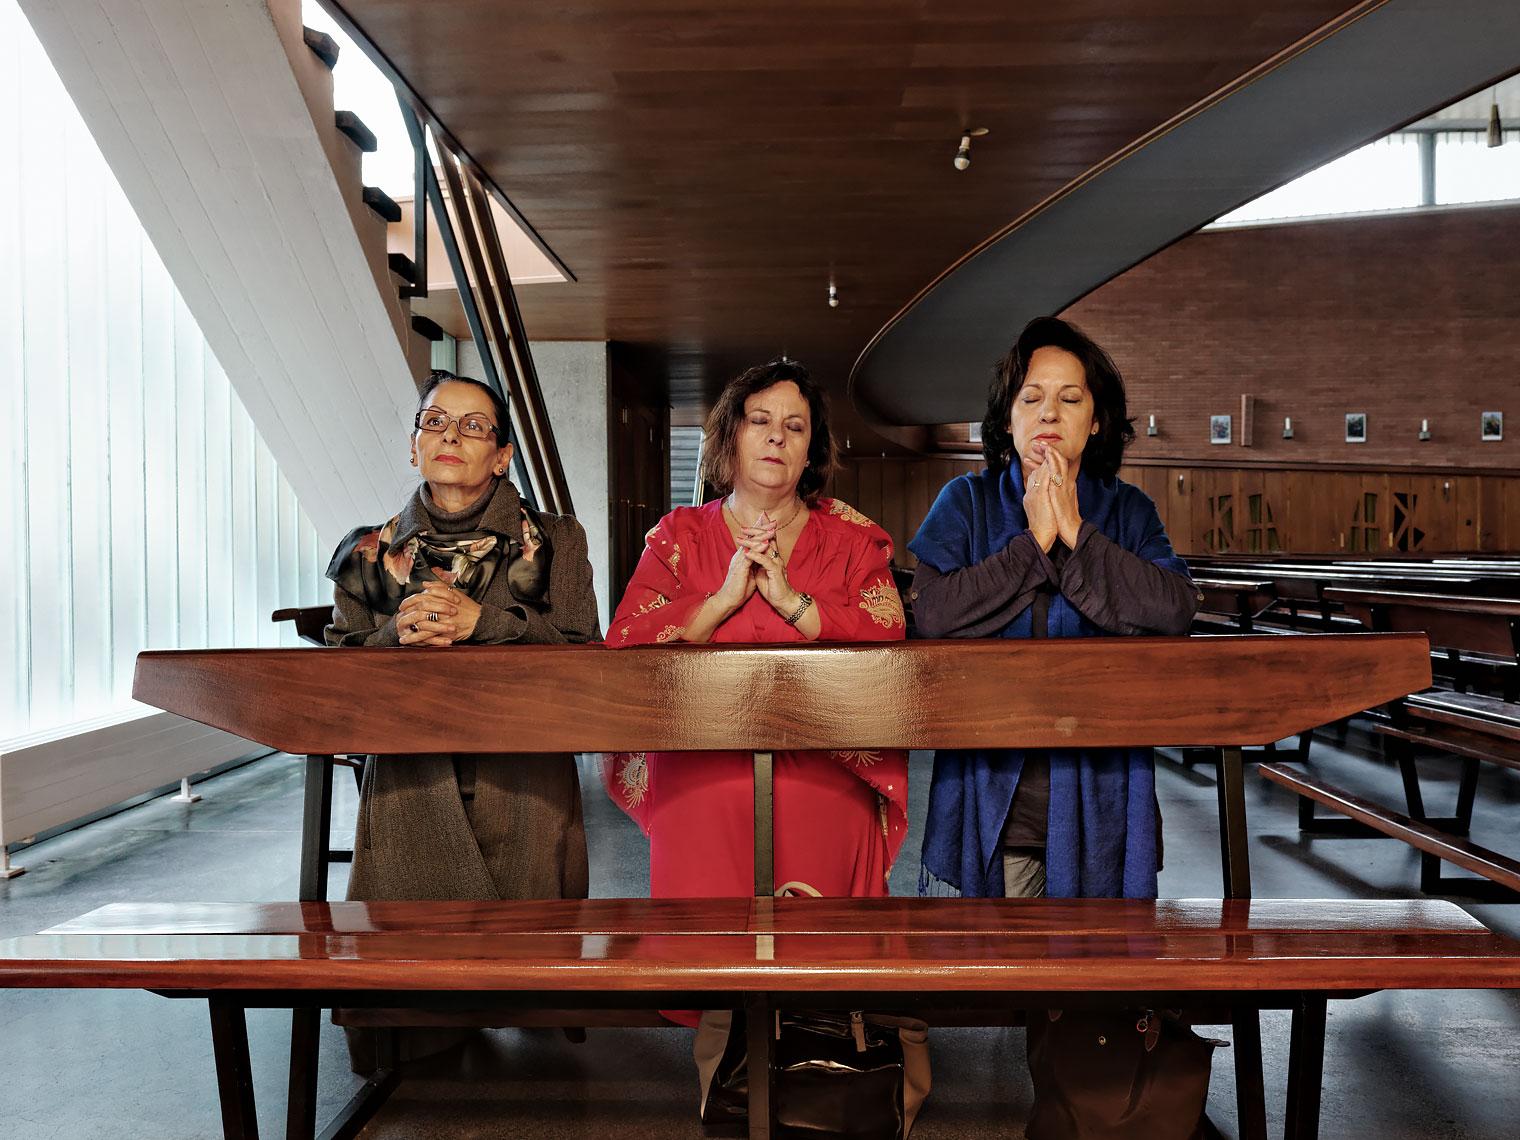 Elvia Baumann, Graça Ribeiro et Carmo Moura, trois soeurs, à l'église Sainte-Clotilde de Genève.